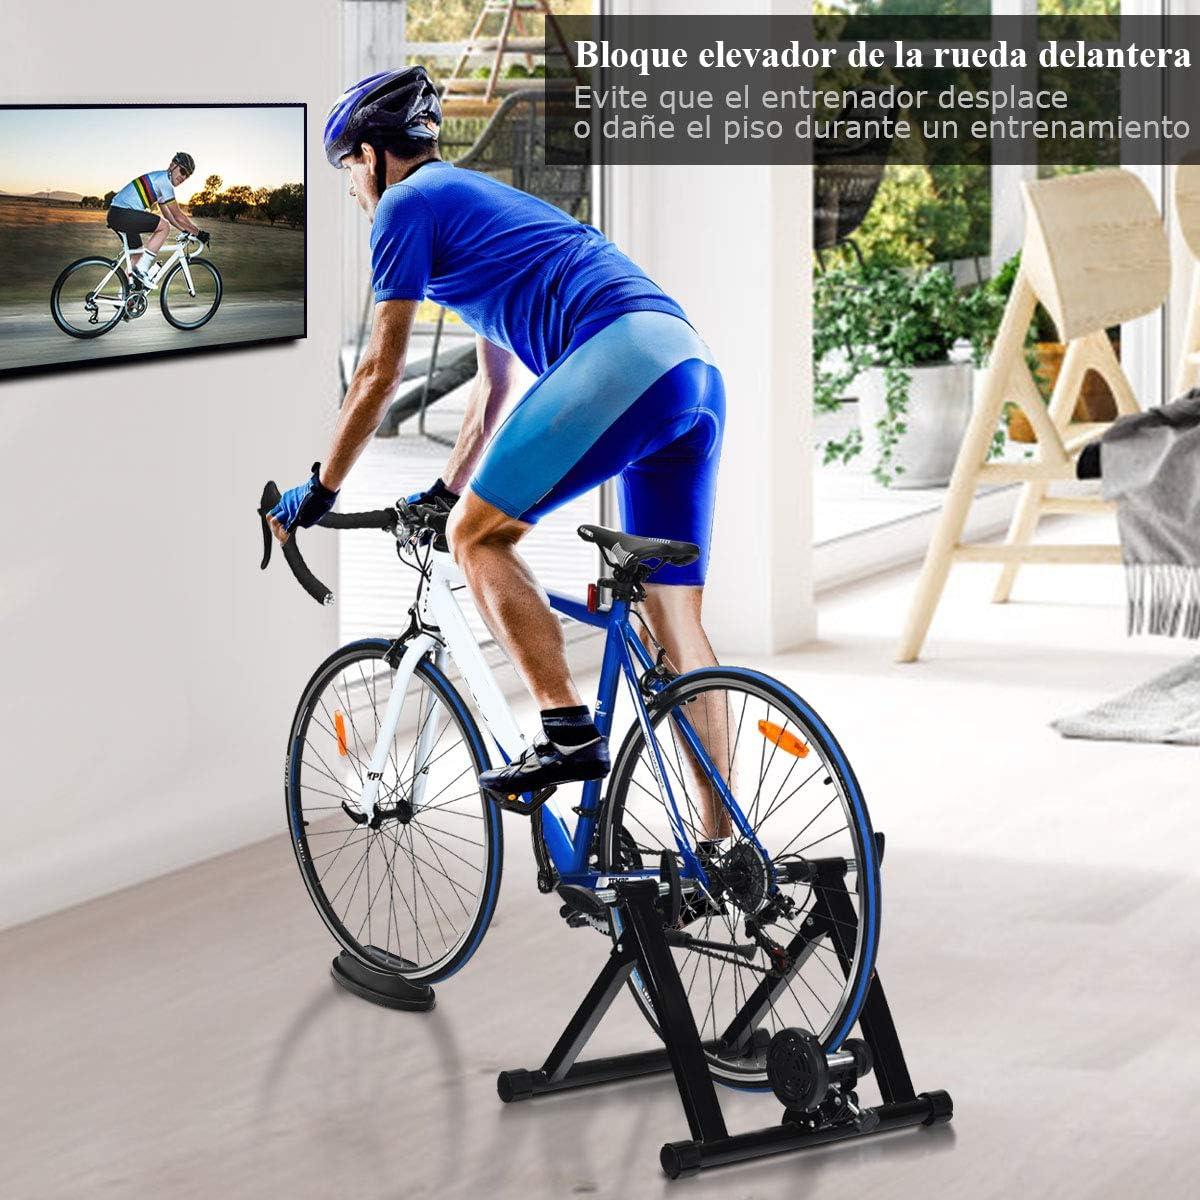 COSTWAY Bicicleta Est/ática de Acero Soporte Rodillo de Ciclismo Entrenamiento Palanca de Liberaci/ón R/ápida para Bicicleta y Sistema de Doble Bloqueo Negro